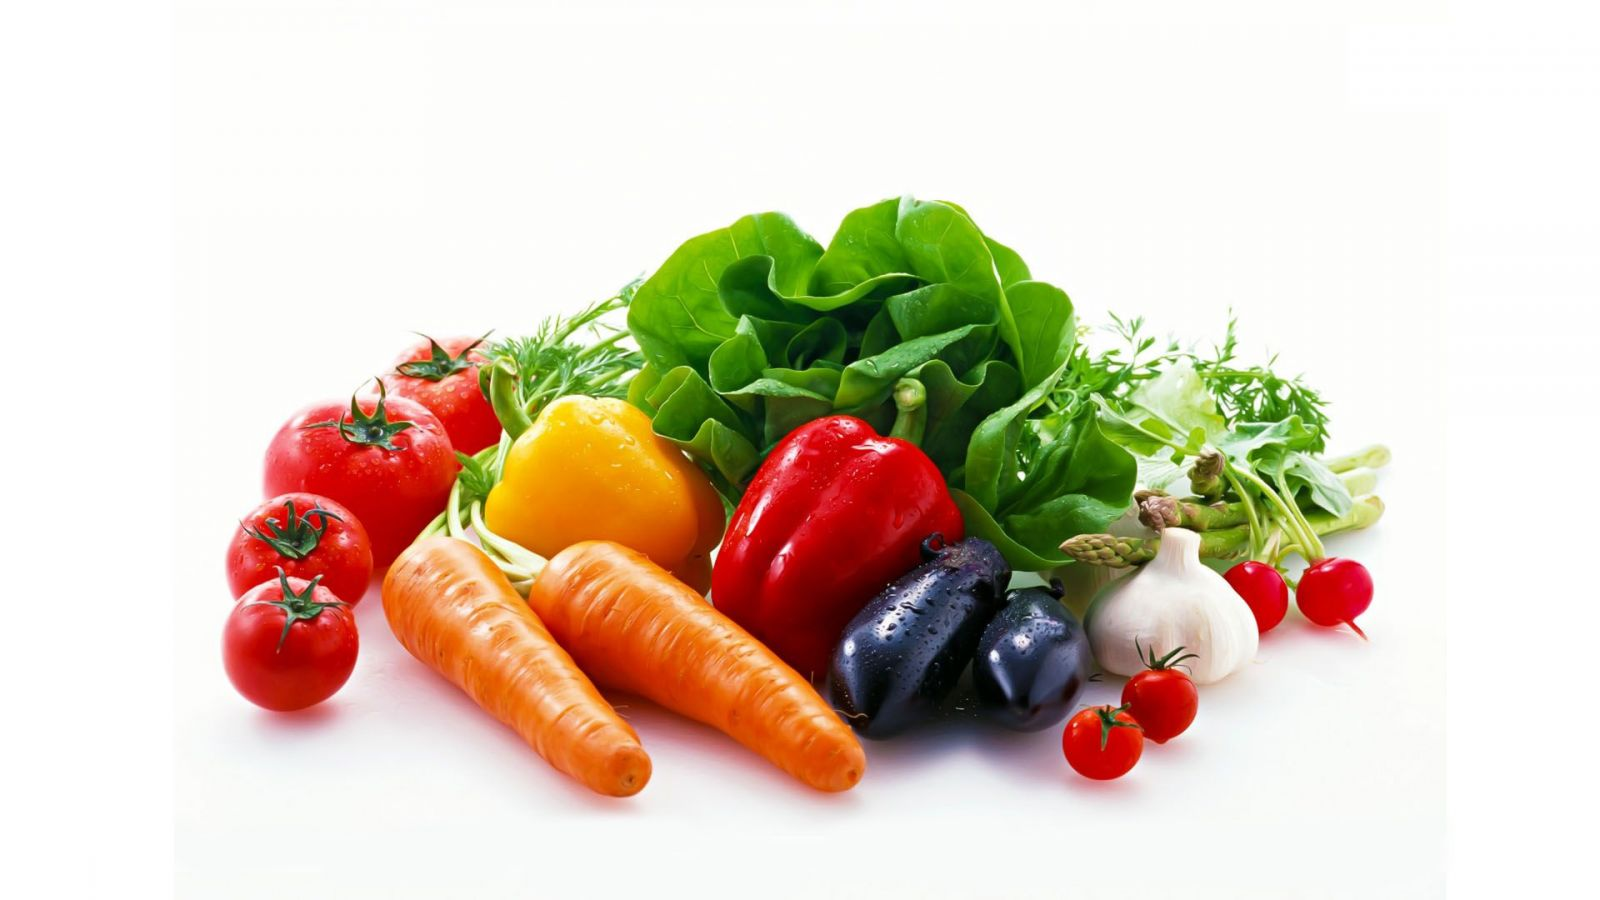 продукты для диеты дюкана купить в тольятти